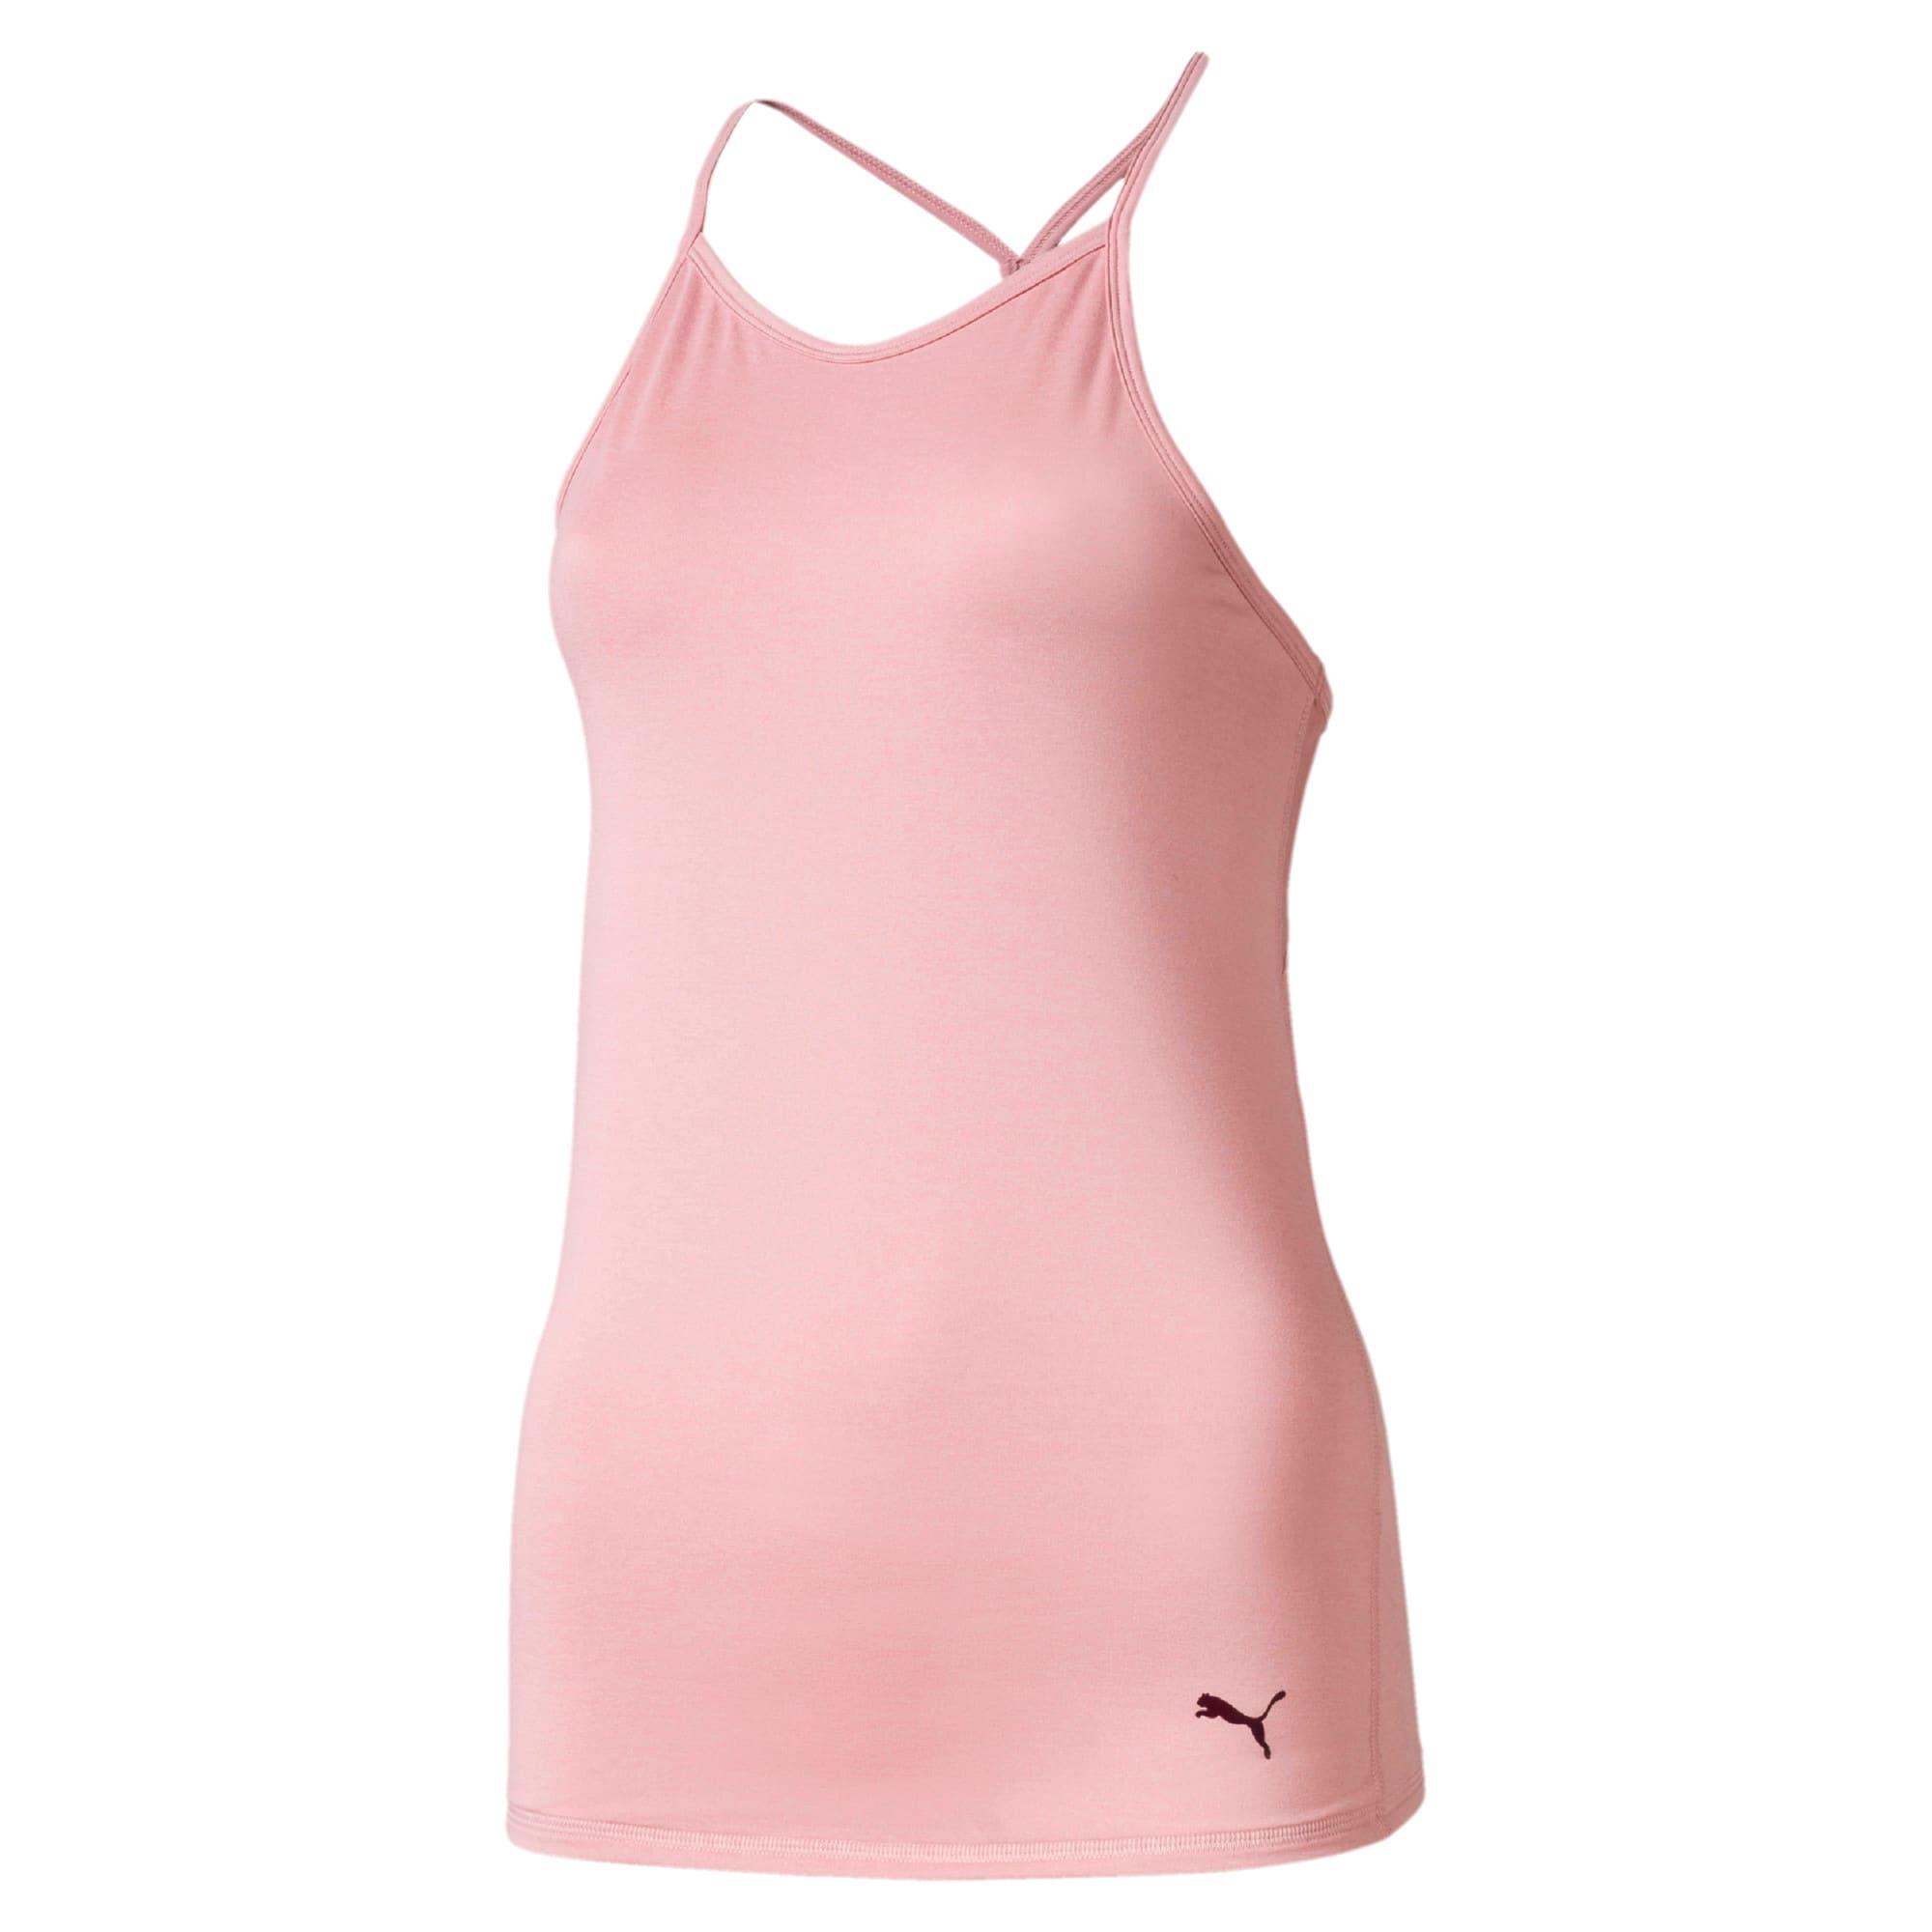 Miniatura 3 de Camiseta sin mangas Studio con espalda deportiva para mujer, Bridal Rose Heather, mediano